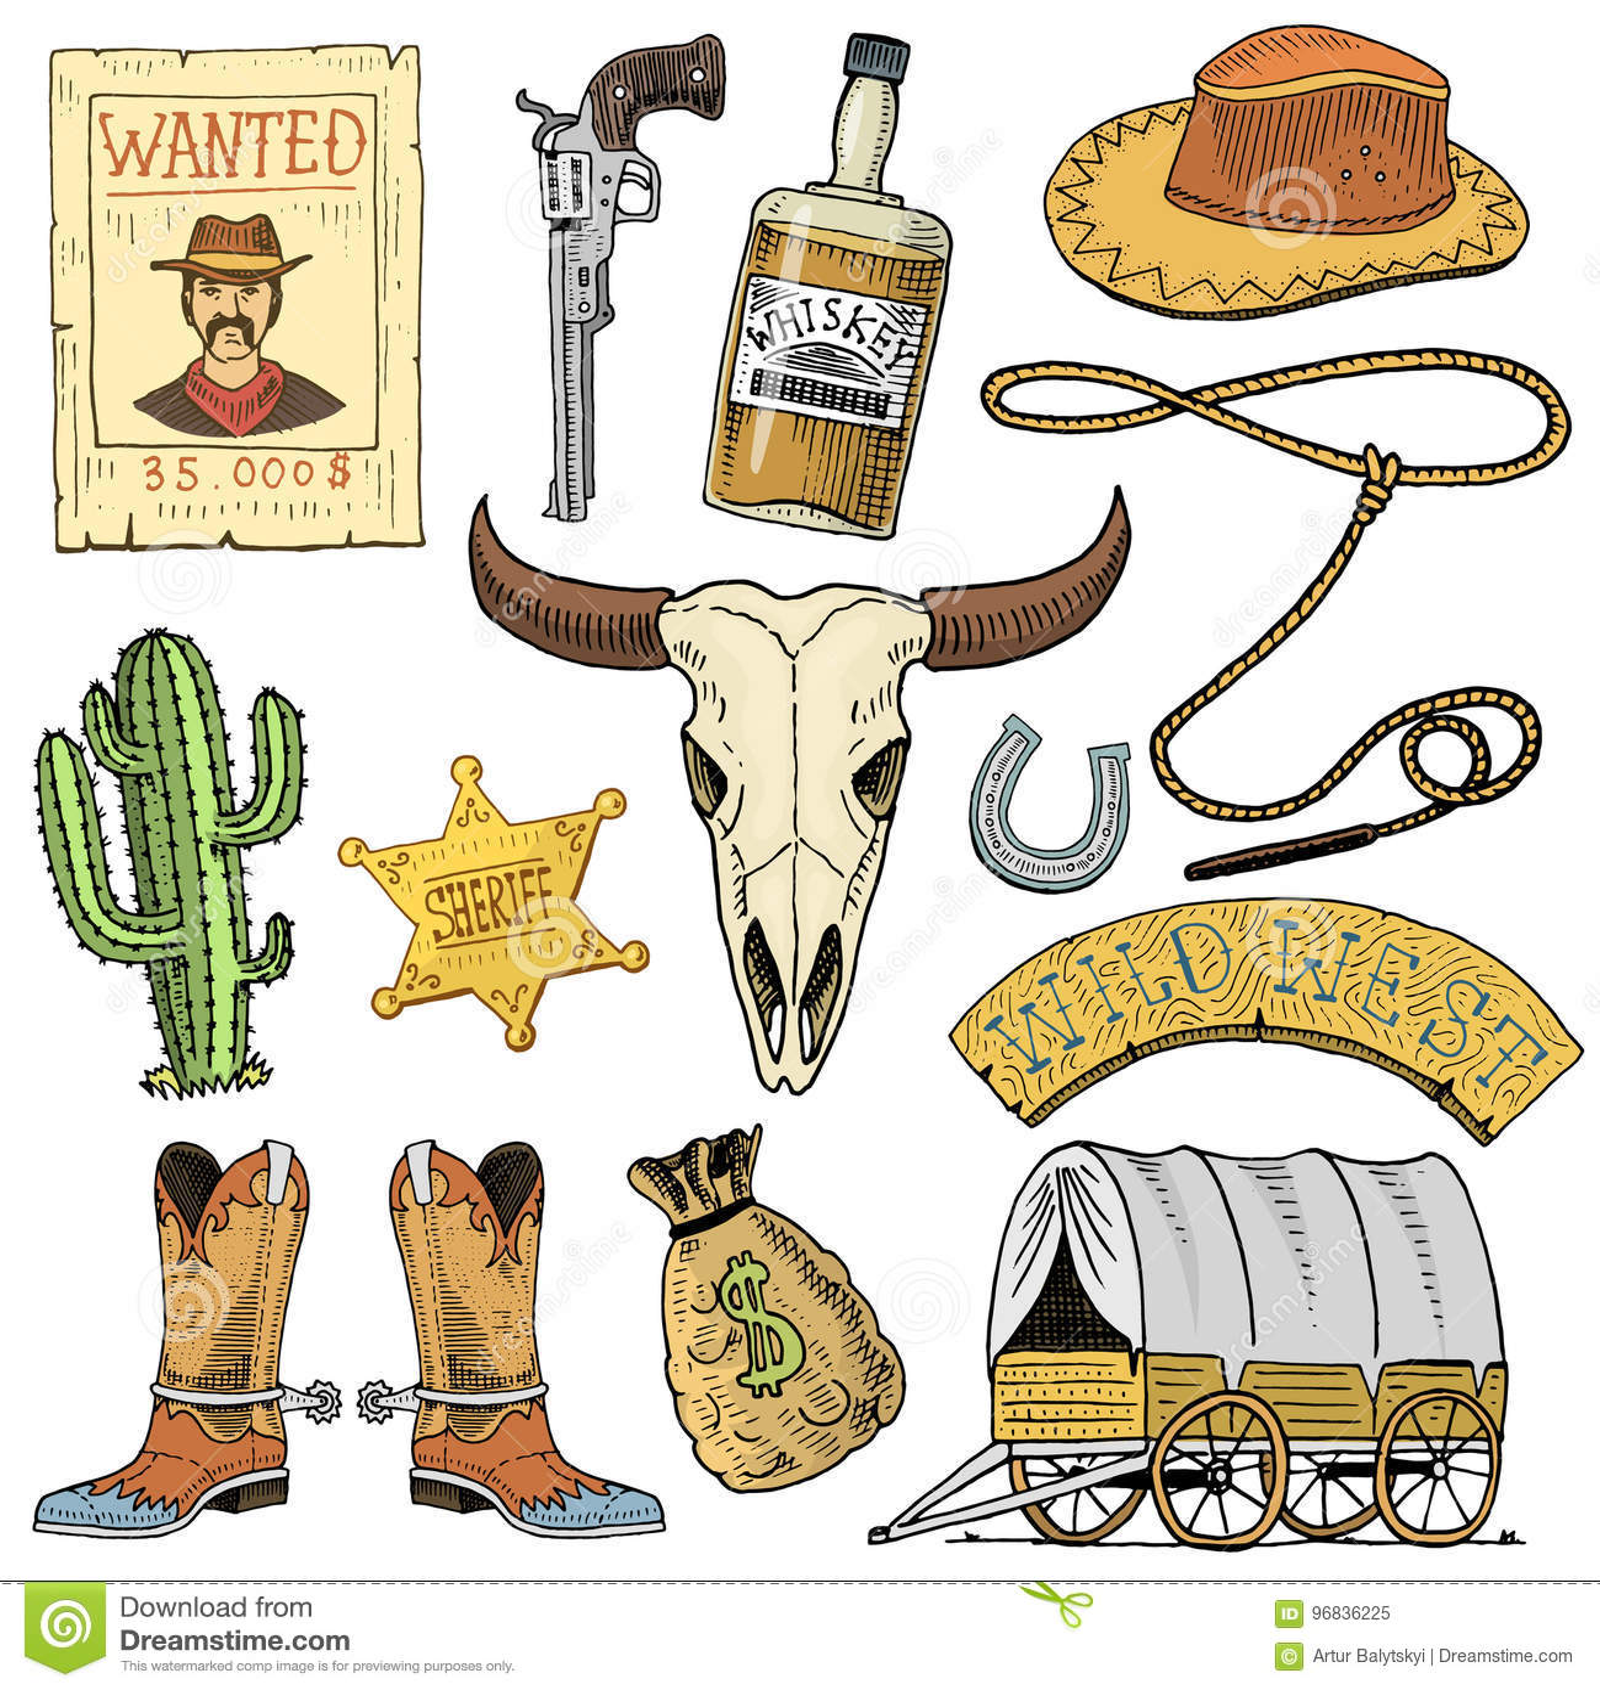 Oeste, mostra do rodeio, vaqueiro ou indianos selvagens com laço chapéu e arma, cacto com estrela do xerife e bisonte, bota com